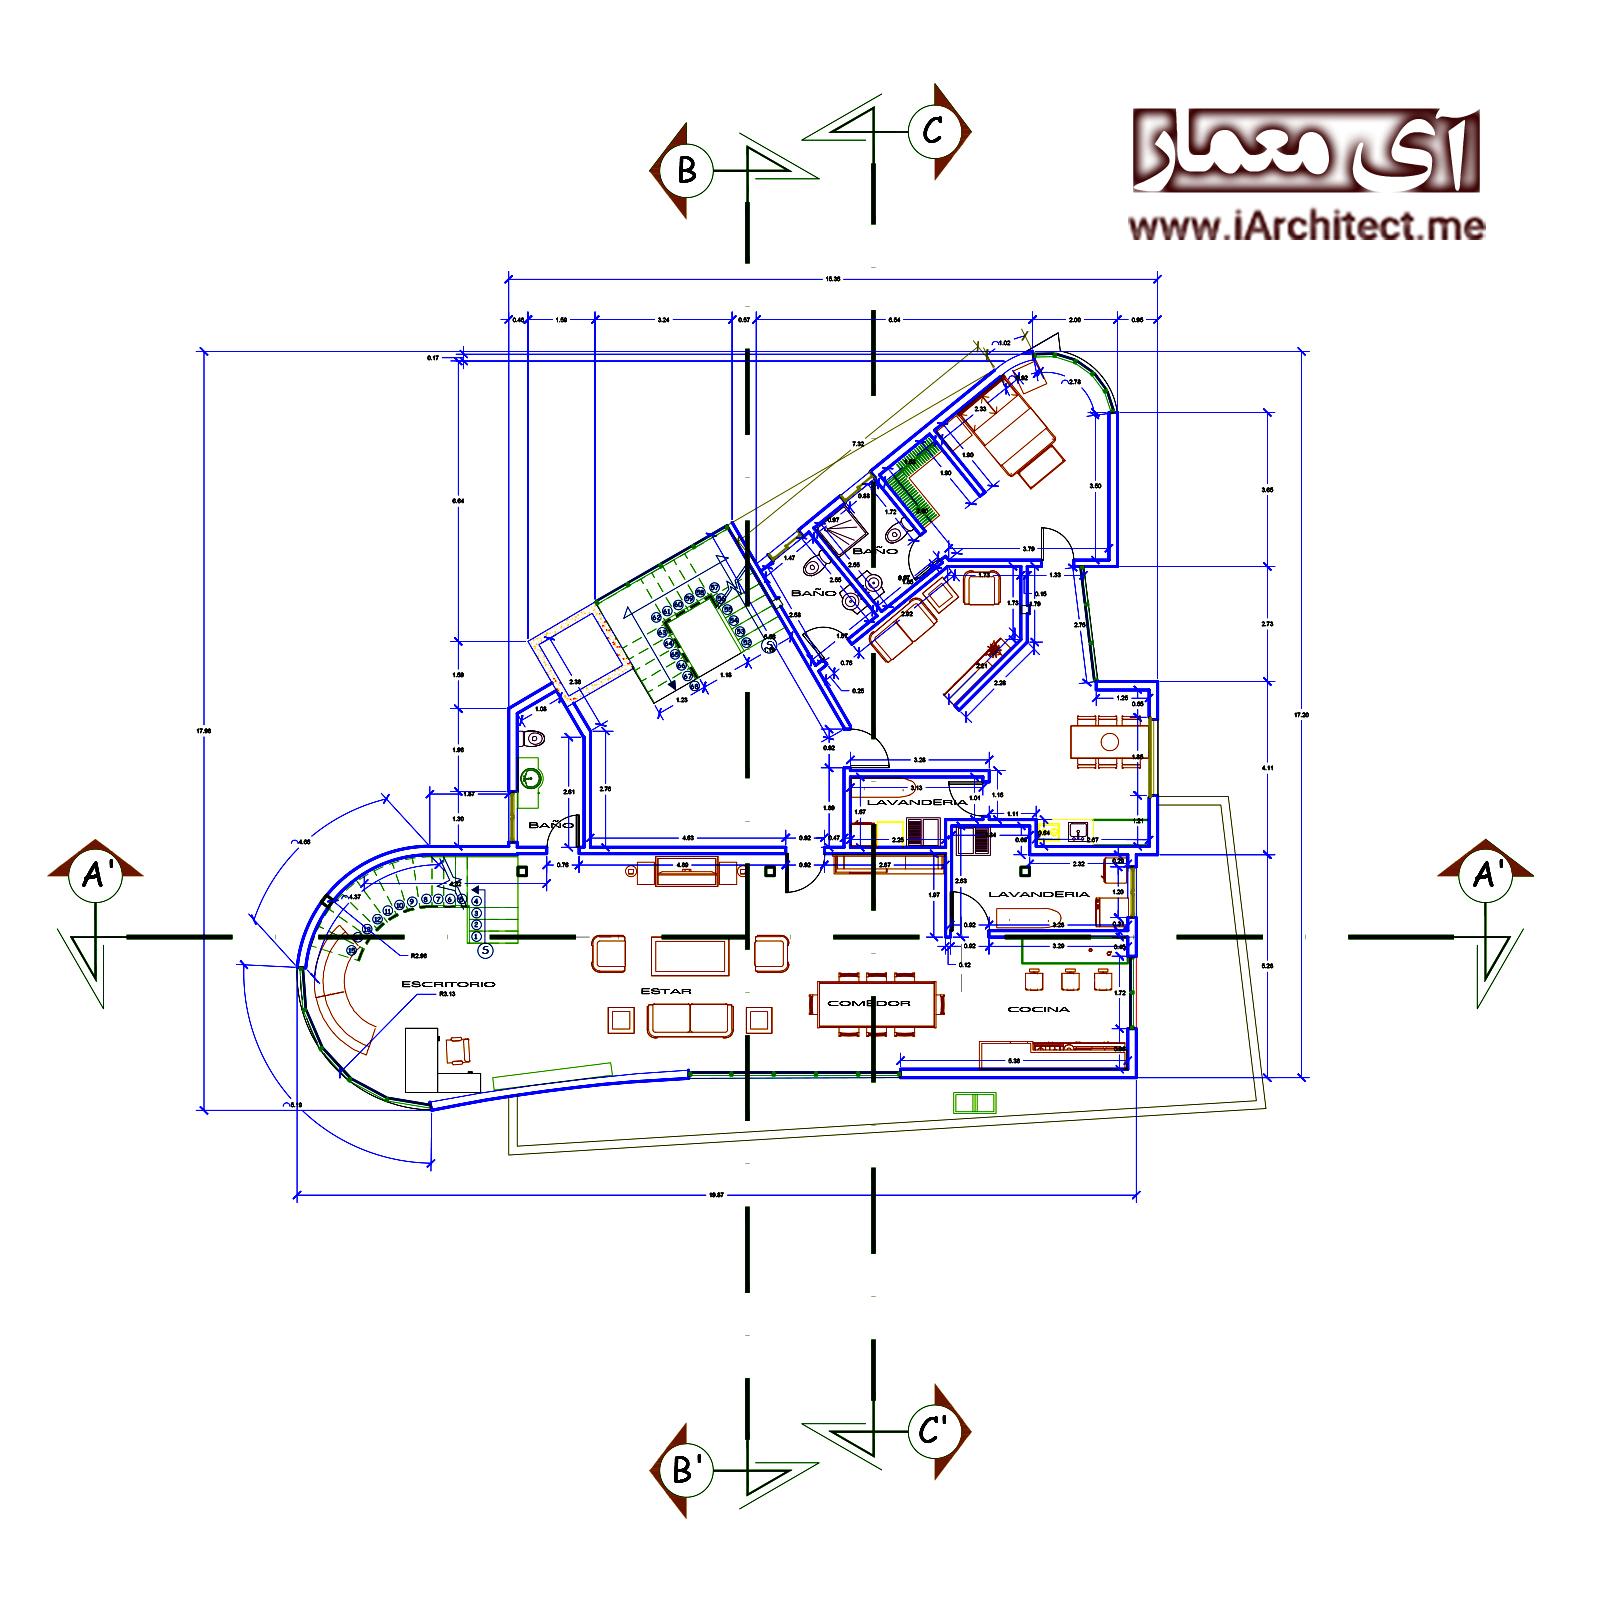 نقشه آپارتمان تجاری -مسکونی